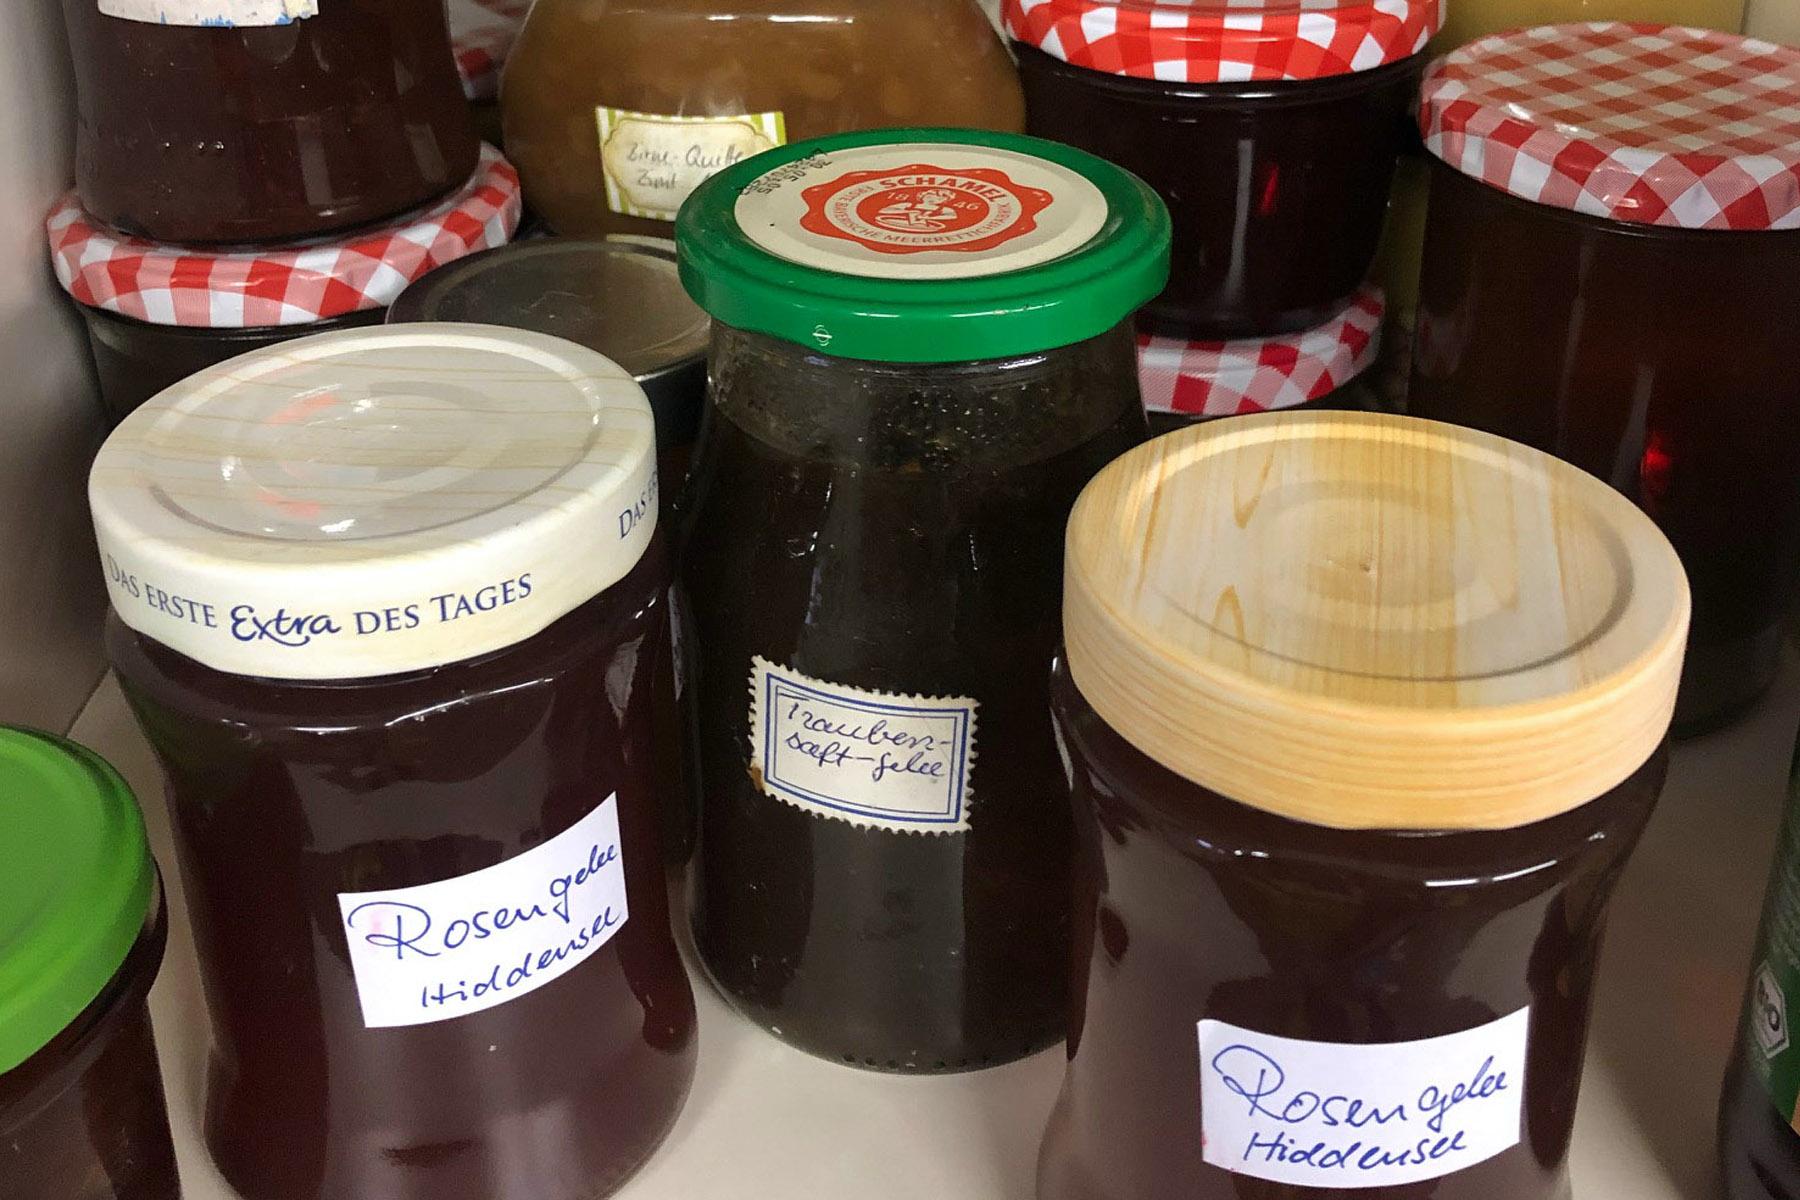 Mehrere Marmeladegläser in einem Lagerregal im Keller